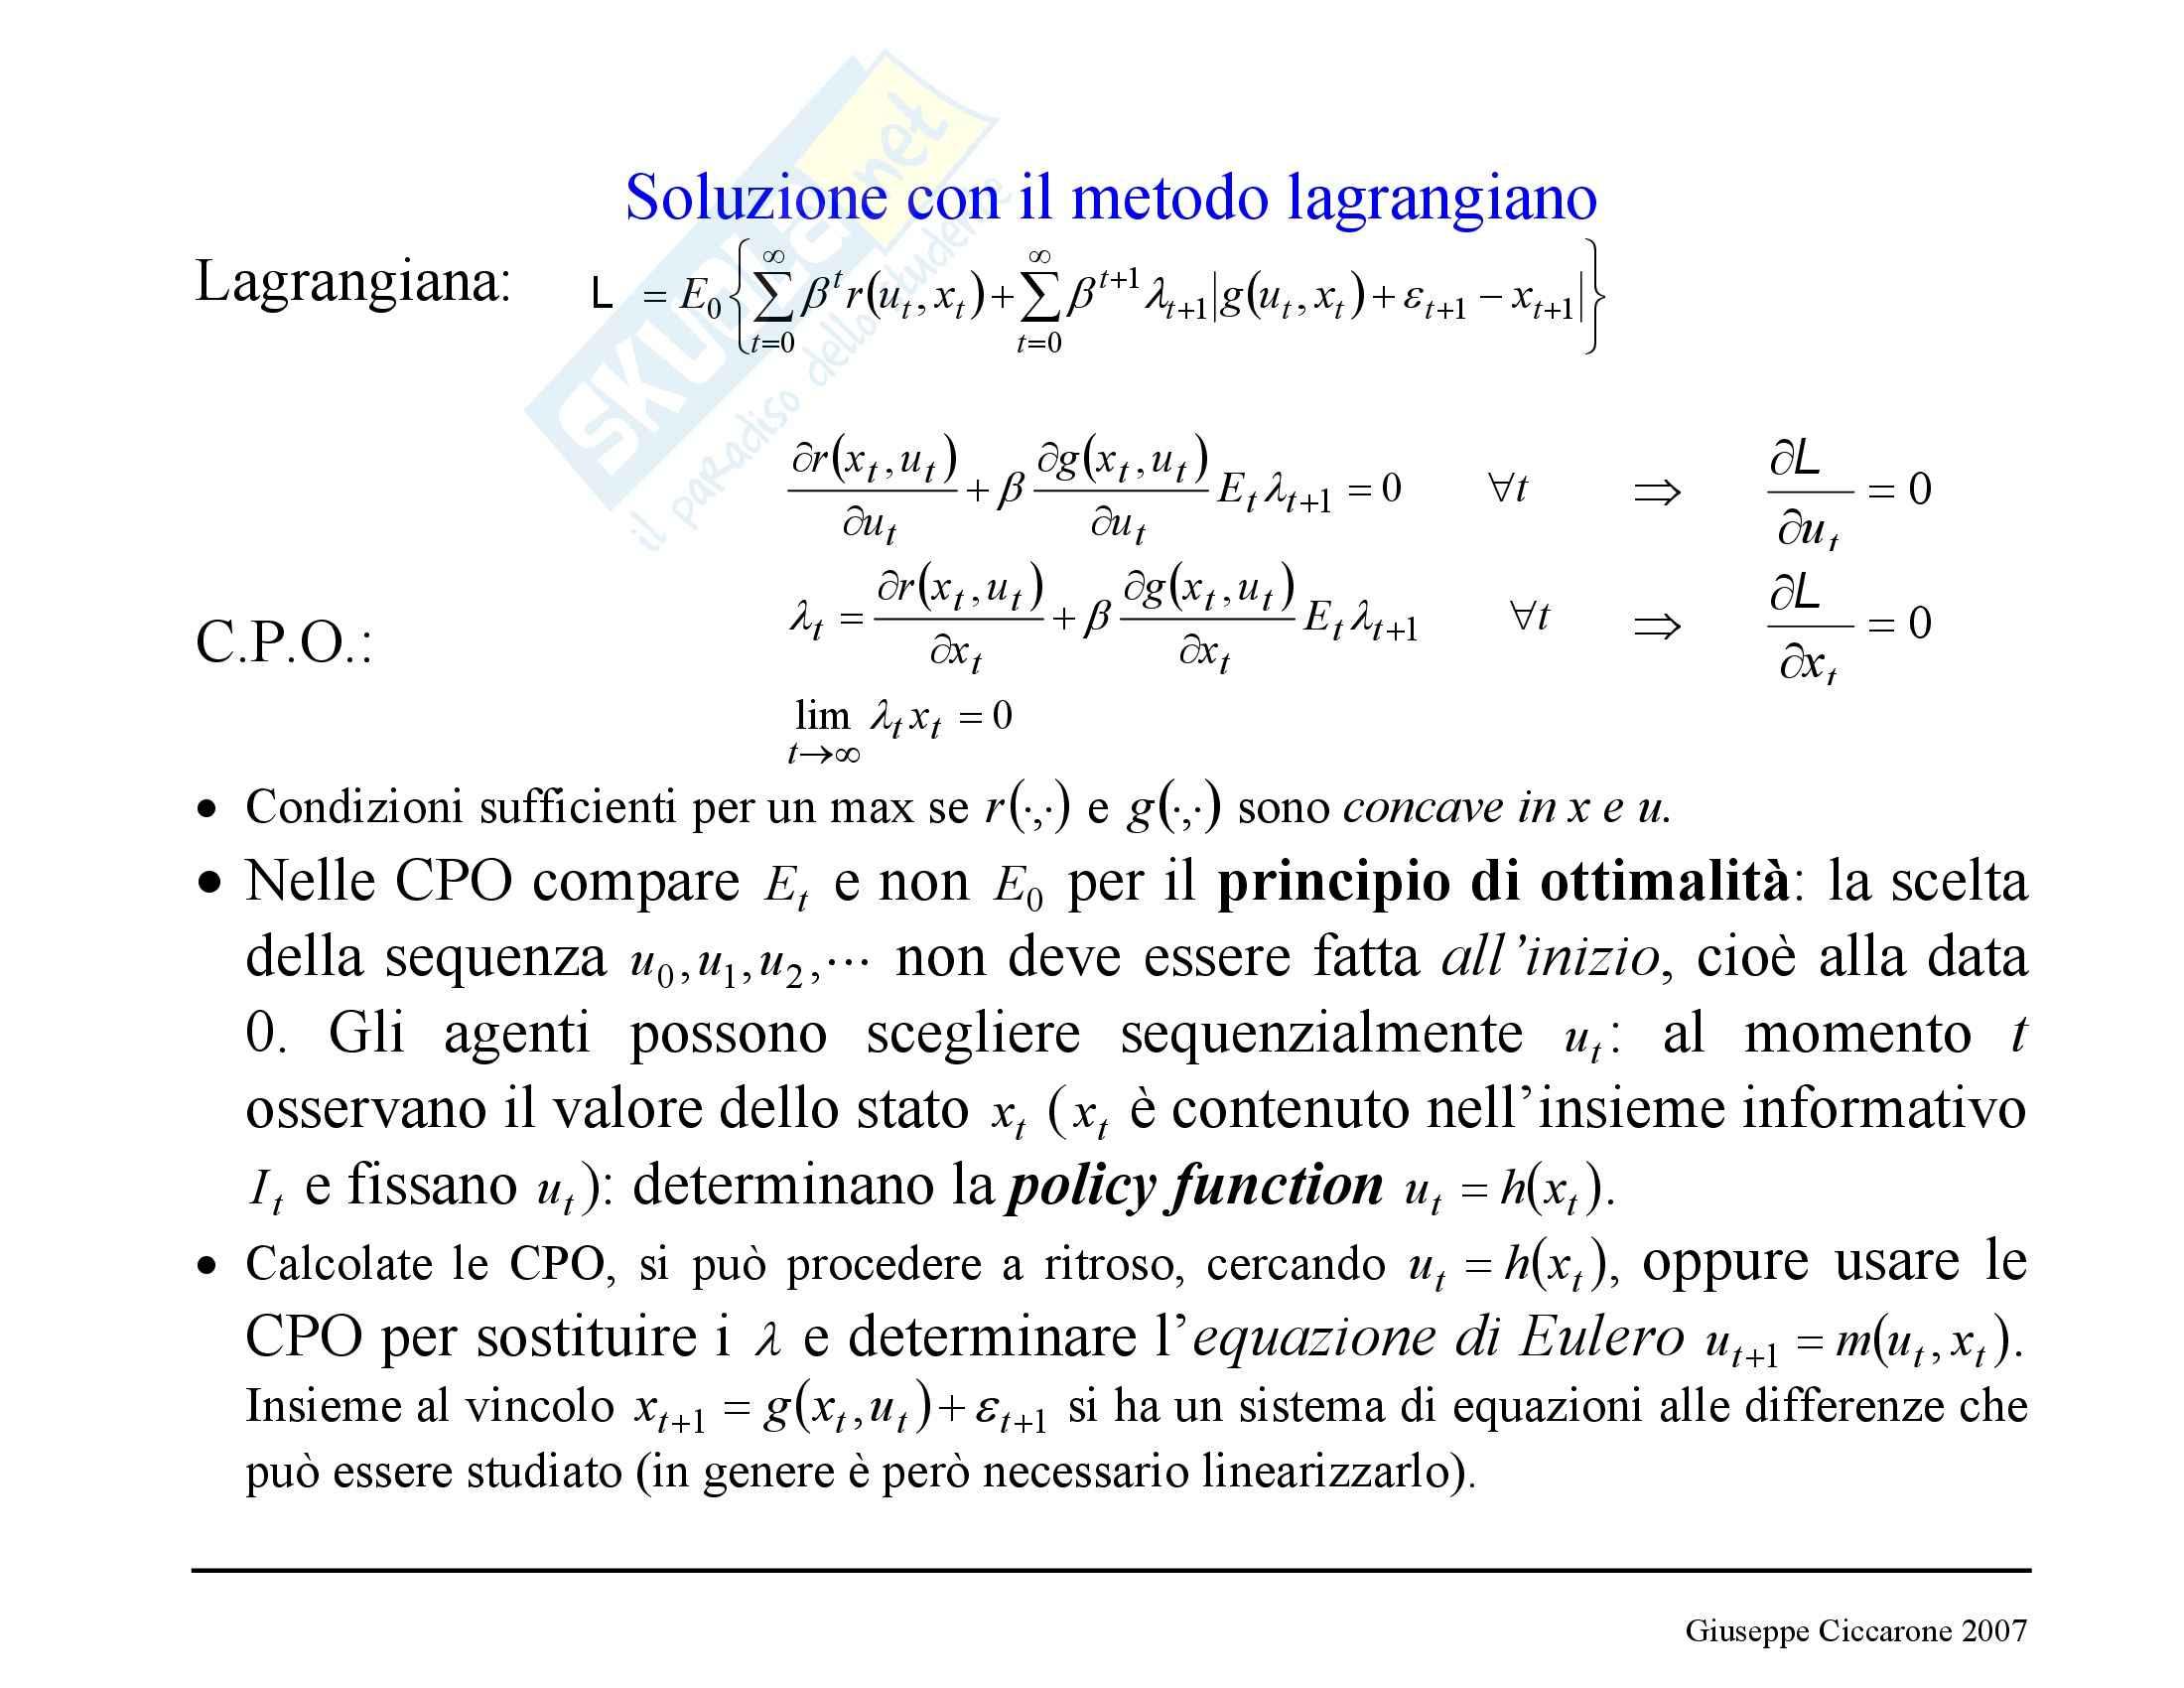 Economia monetaria - la funzione lagrangiana Pag. 16